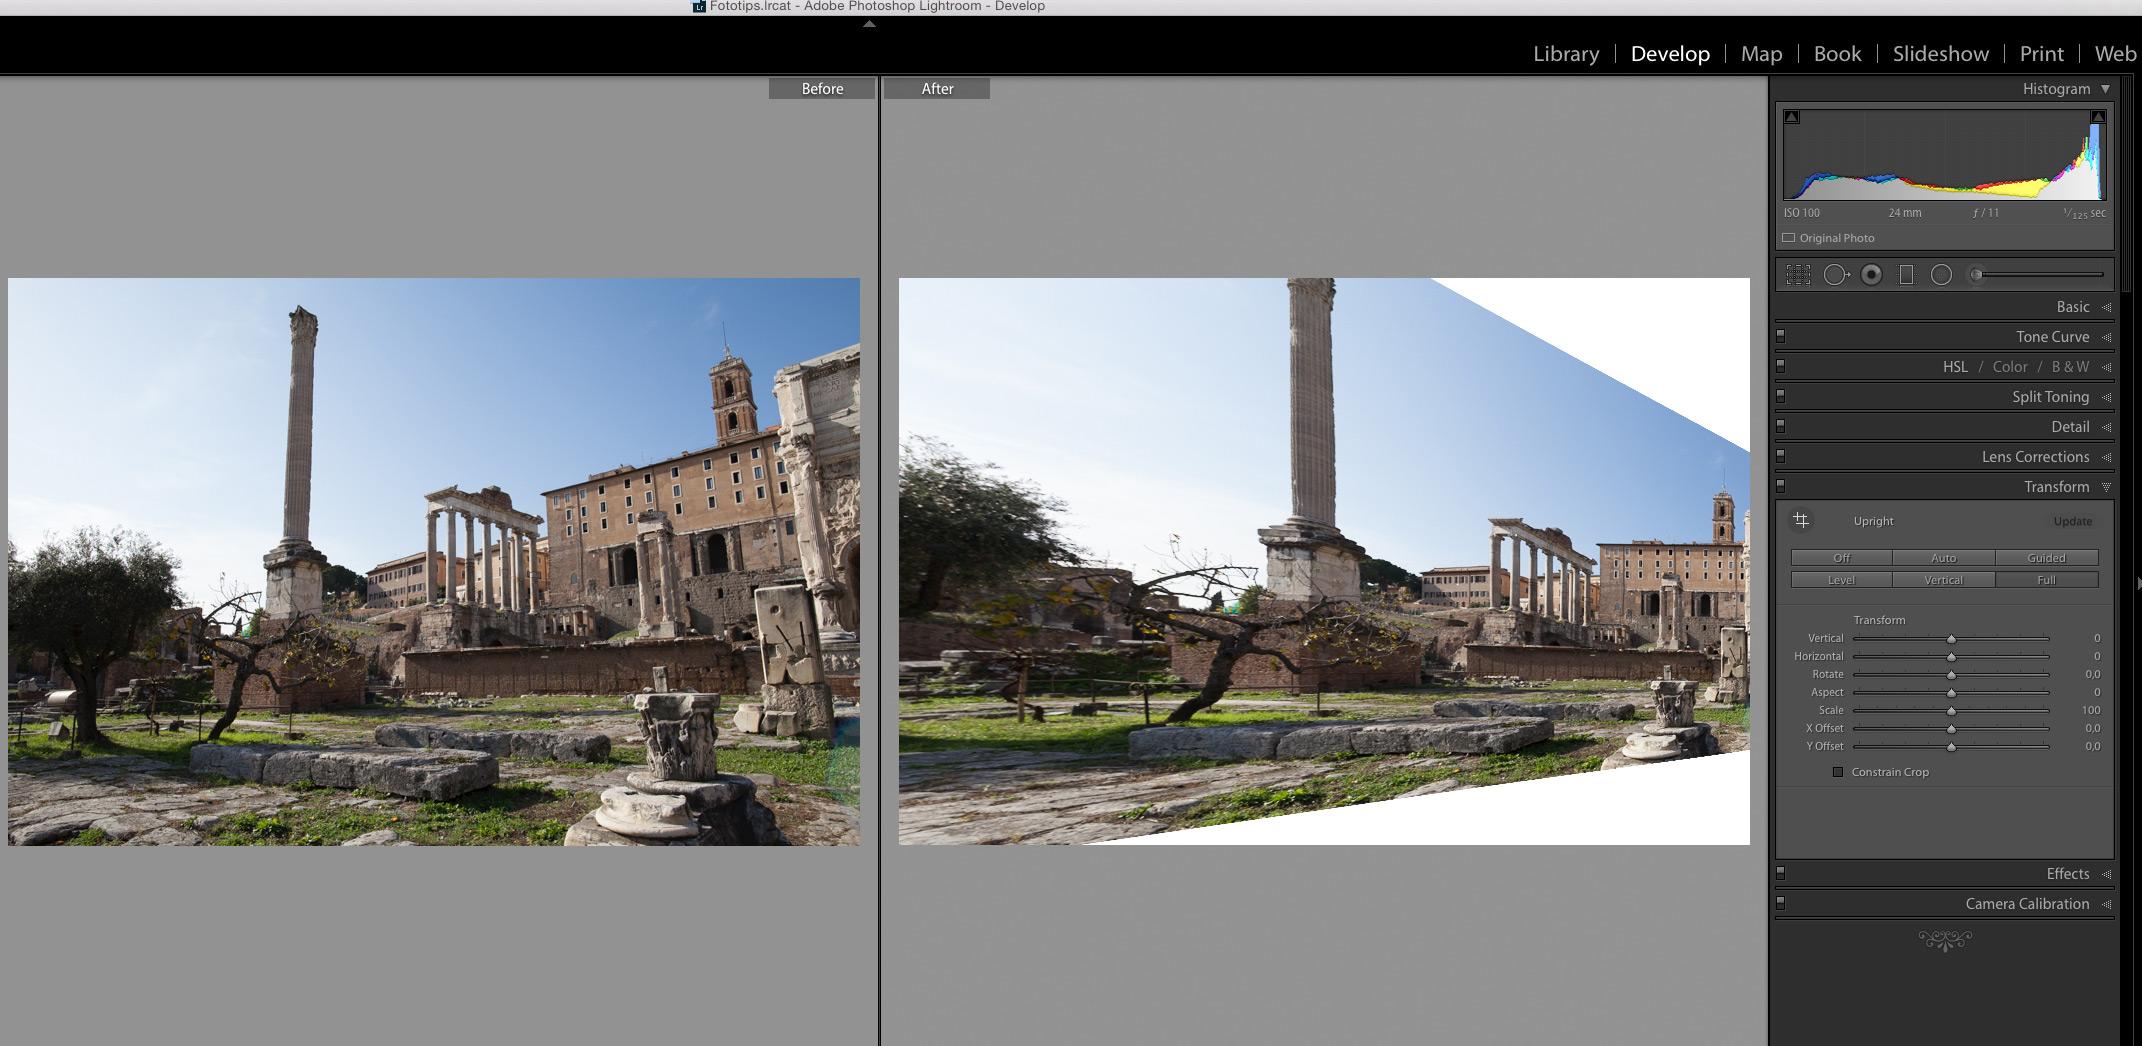 Автоматический редактор фотографий примеру, можно